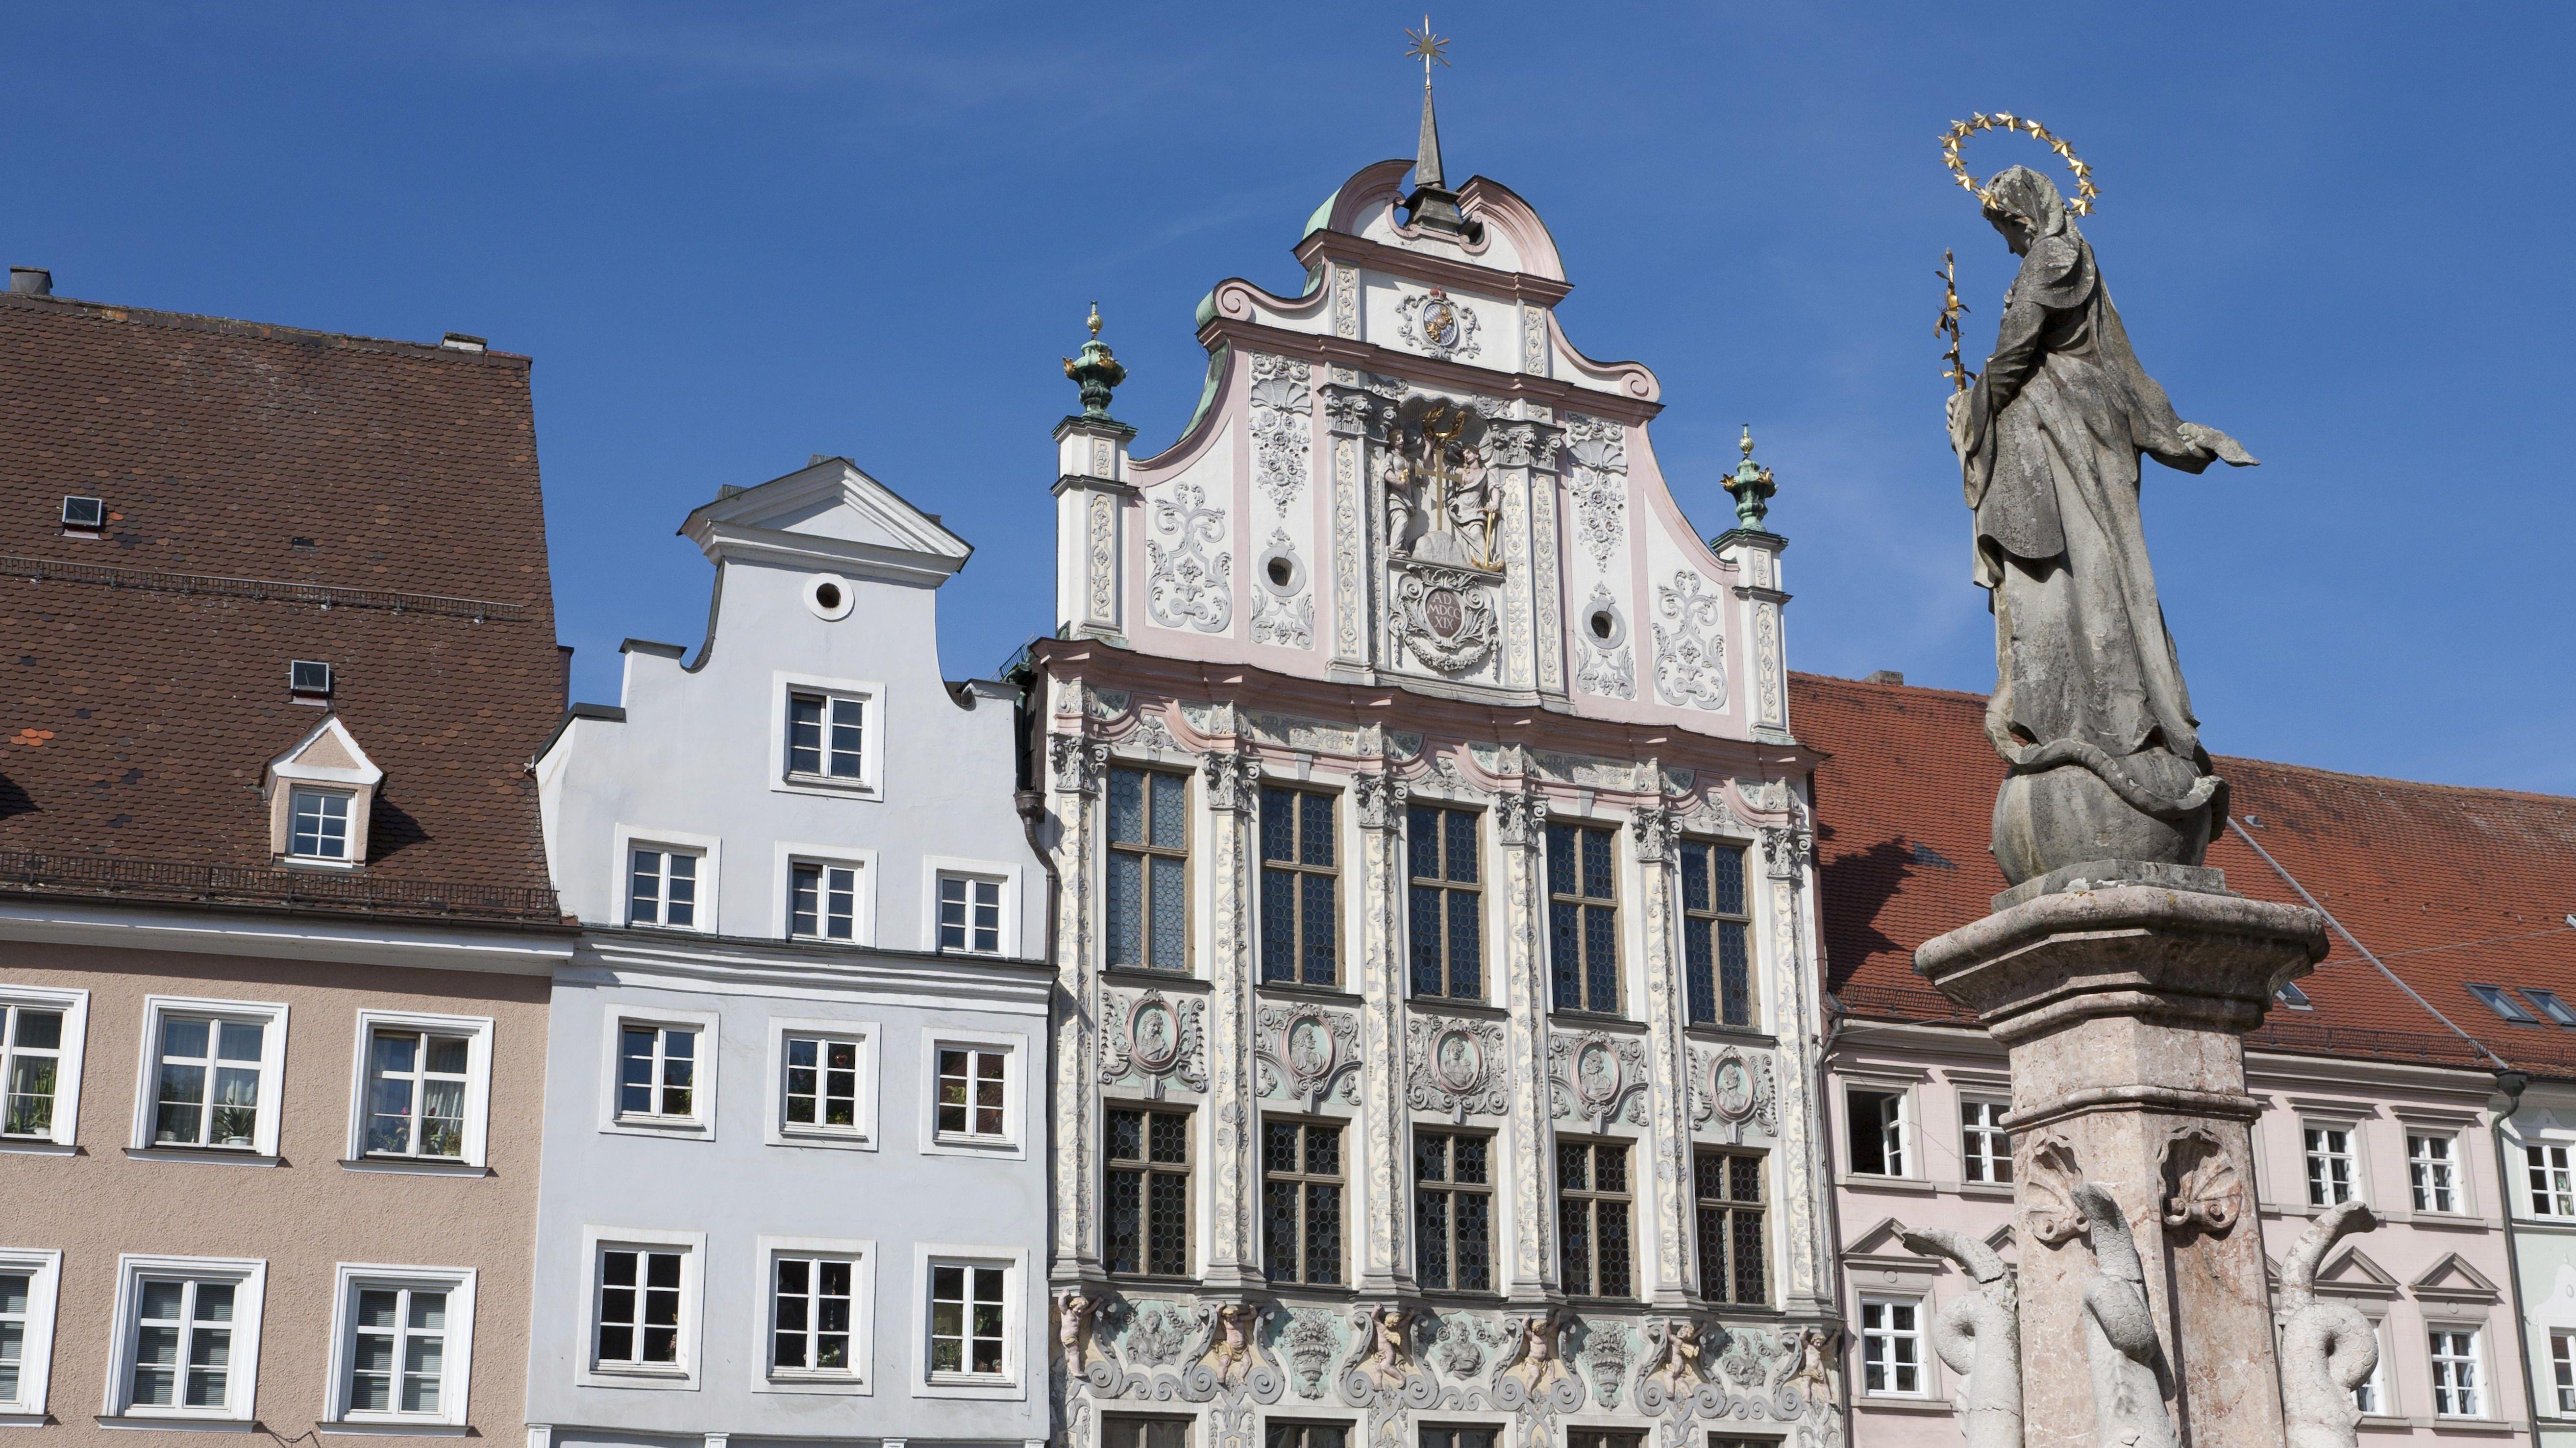 Rathaus von Landsberg